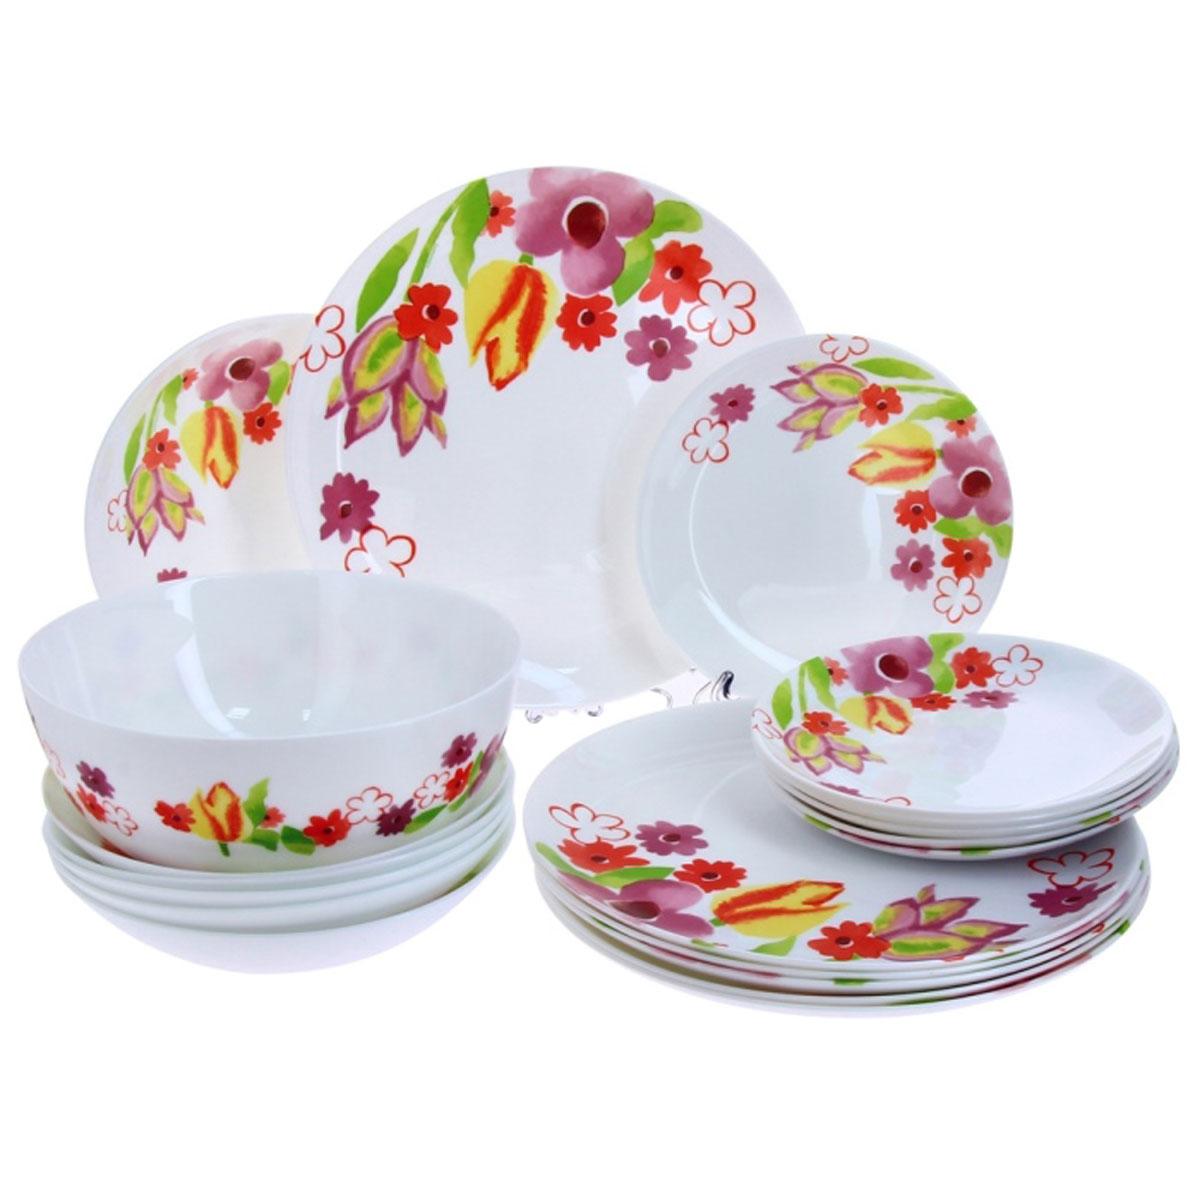 Набор столовой посуды Luminarc Dacha, 19 предметовH8735Набор Luminarc Dacha состоит из 6 суповых тарелок, 6 обеденных тарелок, 6 десертных тарелок и глубокого салатника. Изделия выполнены из ударопрочного стекла, имеют яркий дизайн с изящным цветочным рисунком и классическую круглую форму. Посуда отличается прочностью, гигиеничностью и долгим сроком службы, она устойчива к появлению царапин и резким перепадам температур. Такой набор прекрасно подойдет как для повседневного использования, так и для праздников или особенных случаев. Набор столовой посуды Luminarc Dacha - это не только яркий и полезный подарок для родных и близких, а также великолепное дизайнерское решение для вашей кухни или столовой. Можно мыть в посудомоечной машине и использовать в микроволновой печи. Диаметр суповой тарелки: 20 см. Высота суповой тарелки: 4.5 см. Диаметр обеденной тарелки: 27 см. Высота обеденной тарелки: 2 см. Диаметр десертной тарелки: 19 см. Высота десертной...